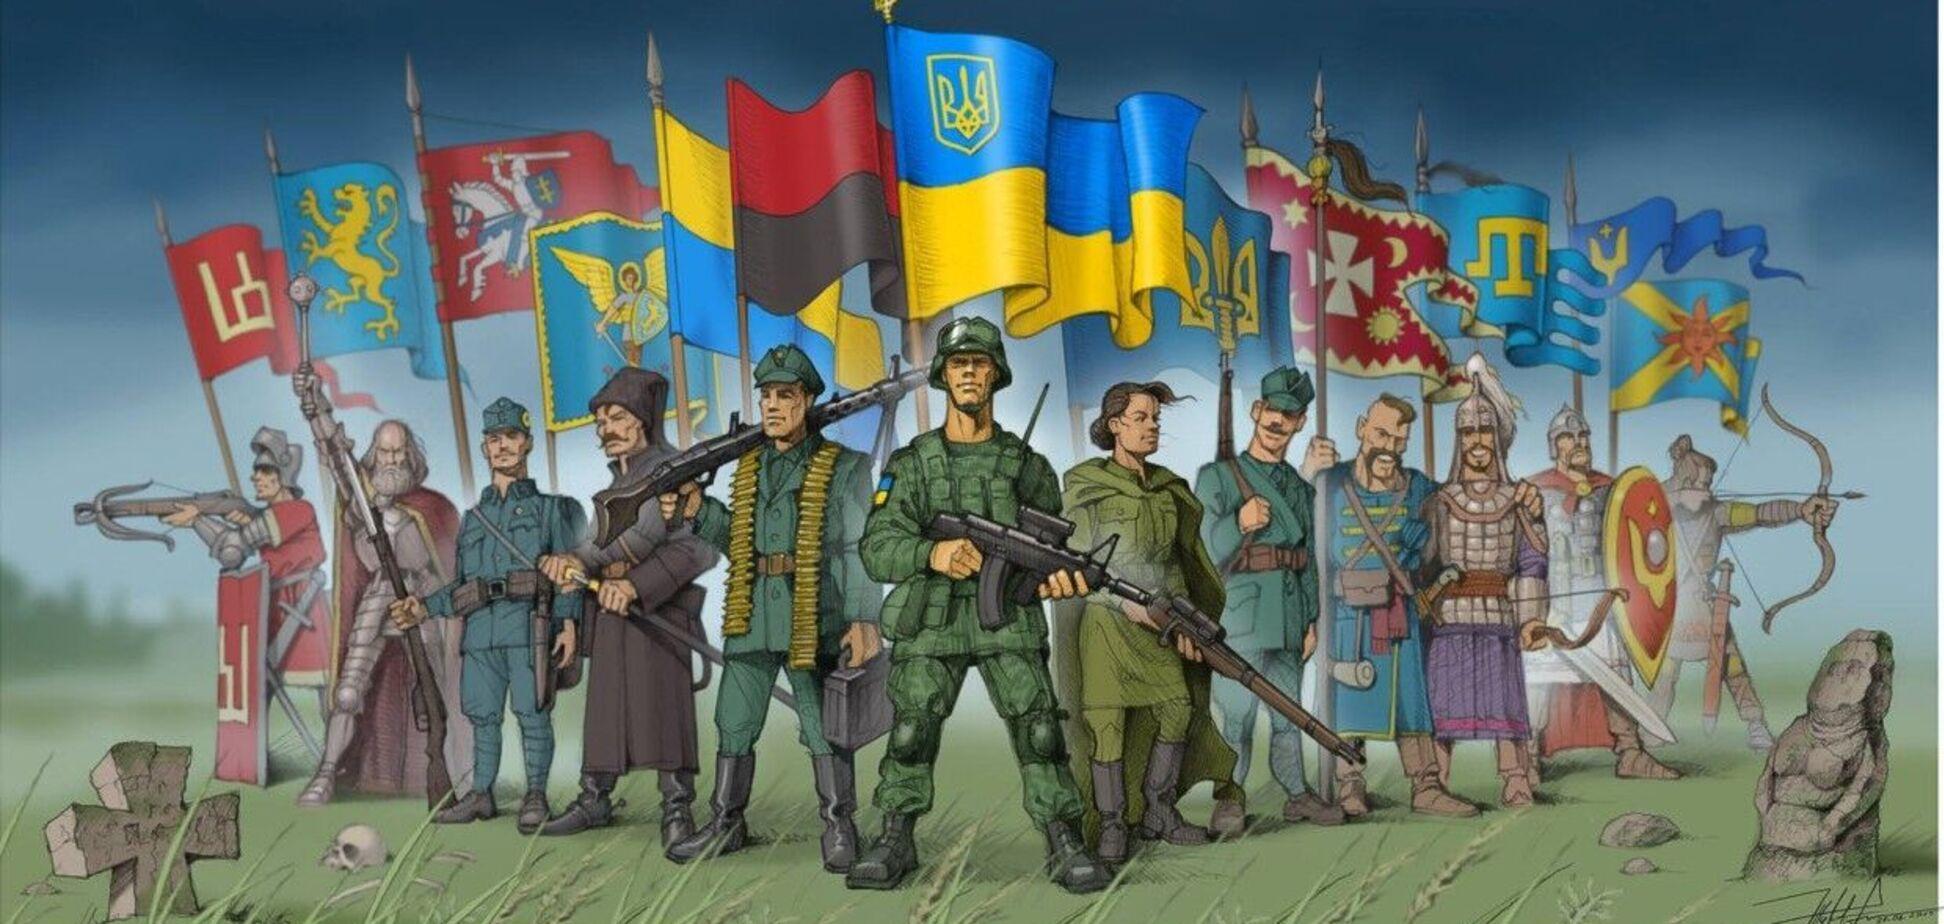 Люди-воины всегда лучше захватчиков: почему Украина престижнее, чем РФ